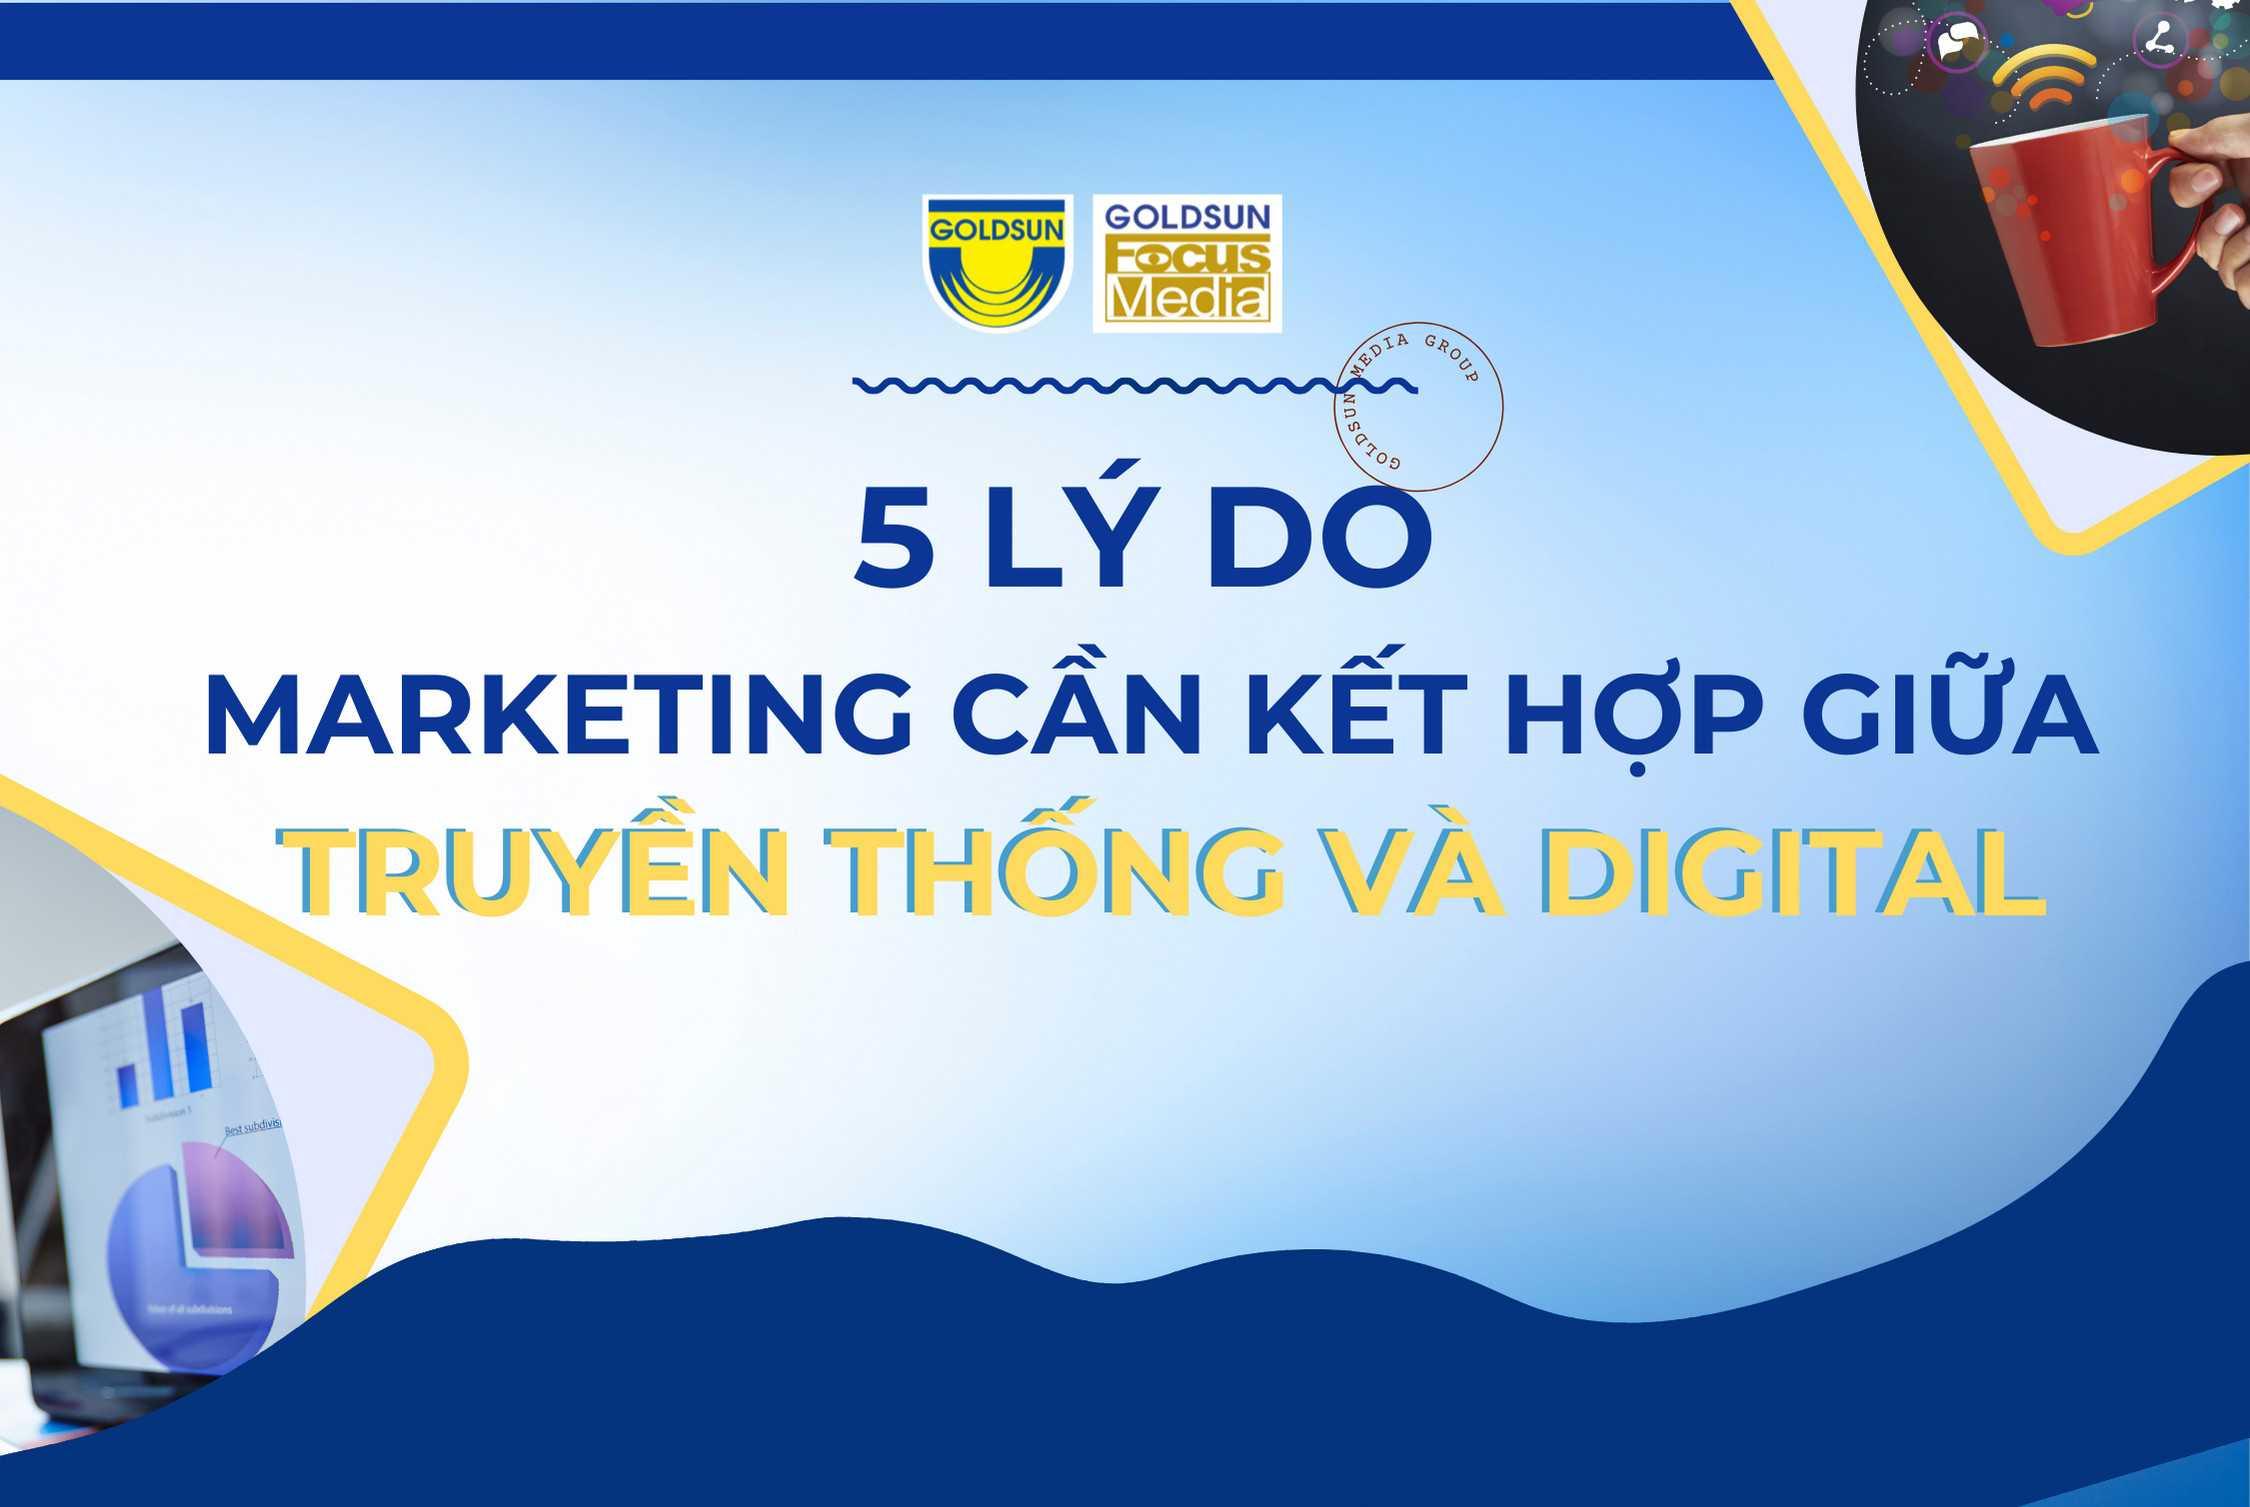 05 Lý do Marketing cần kết hợp giữa Truyền thống và Digital